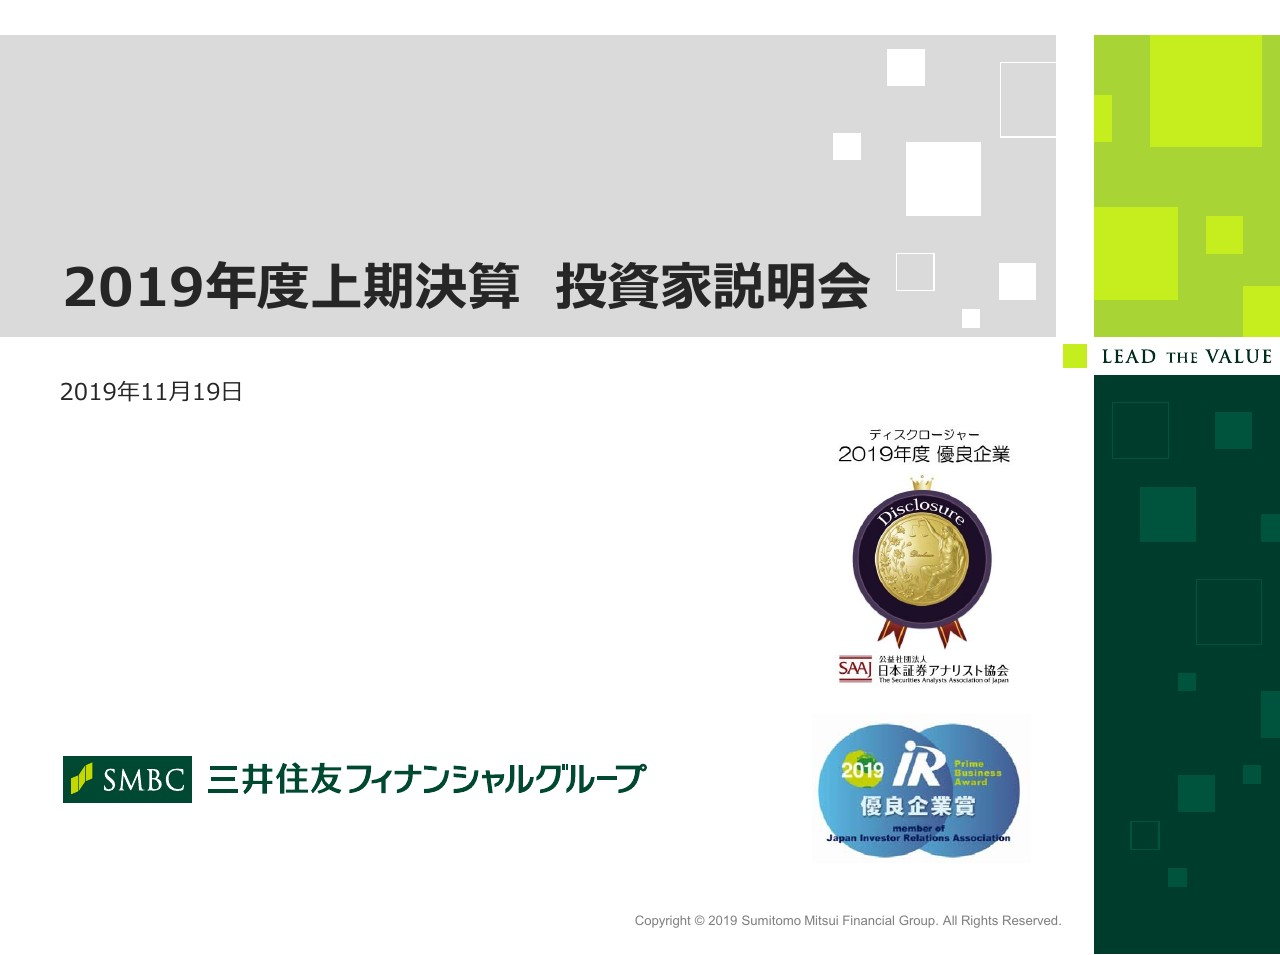 三井住友FG、上期純利益は前年比407億円減 低調な市場環境により資産運用ビジネスが減益に